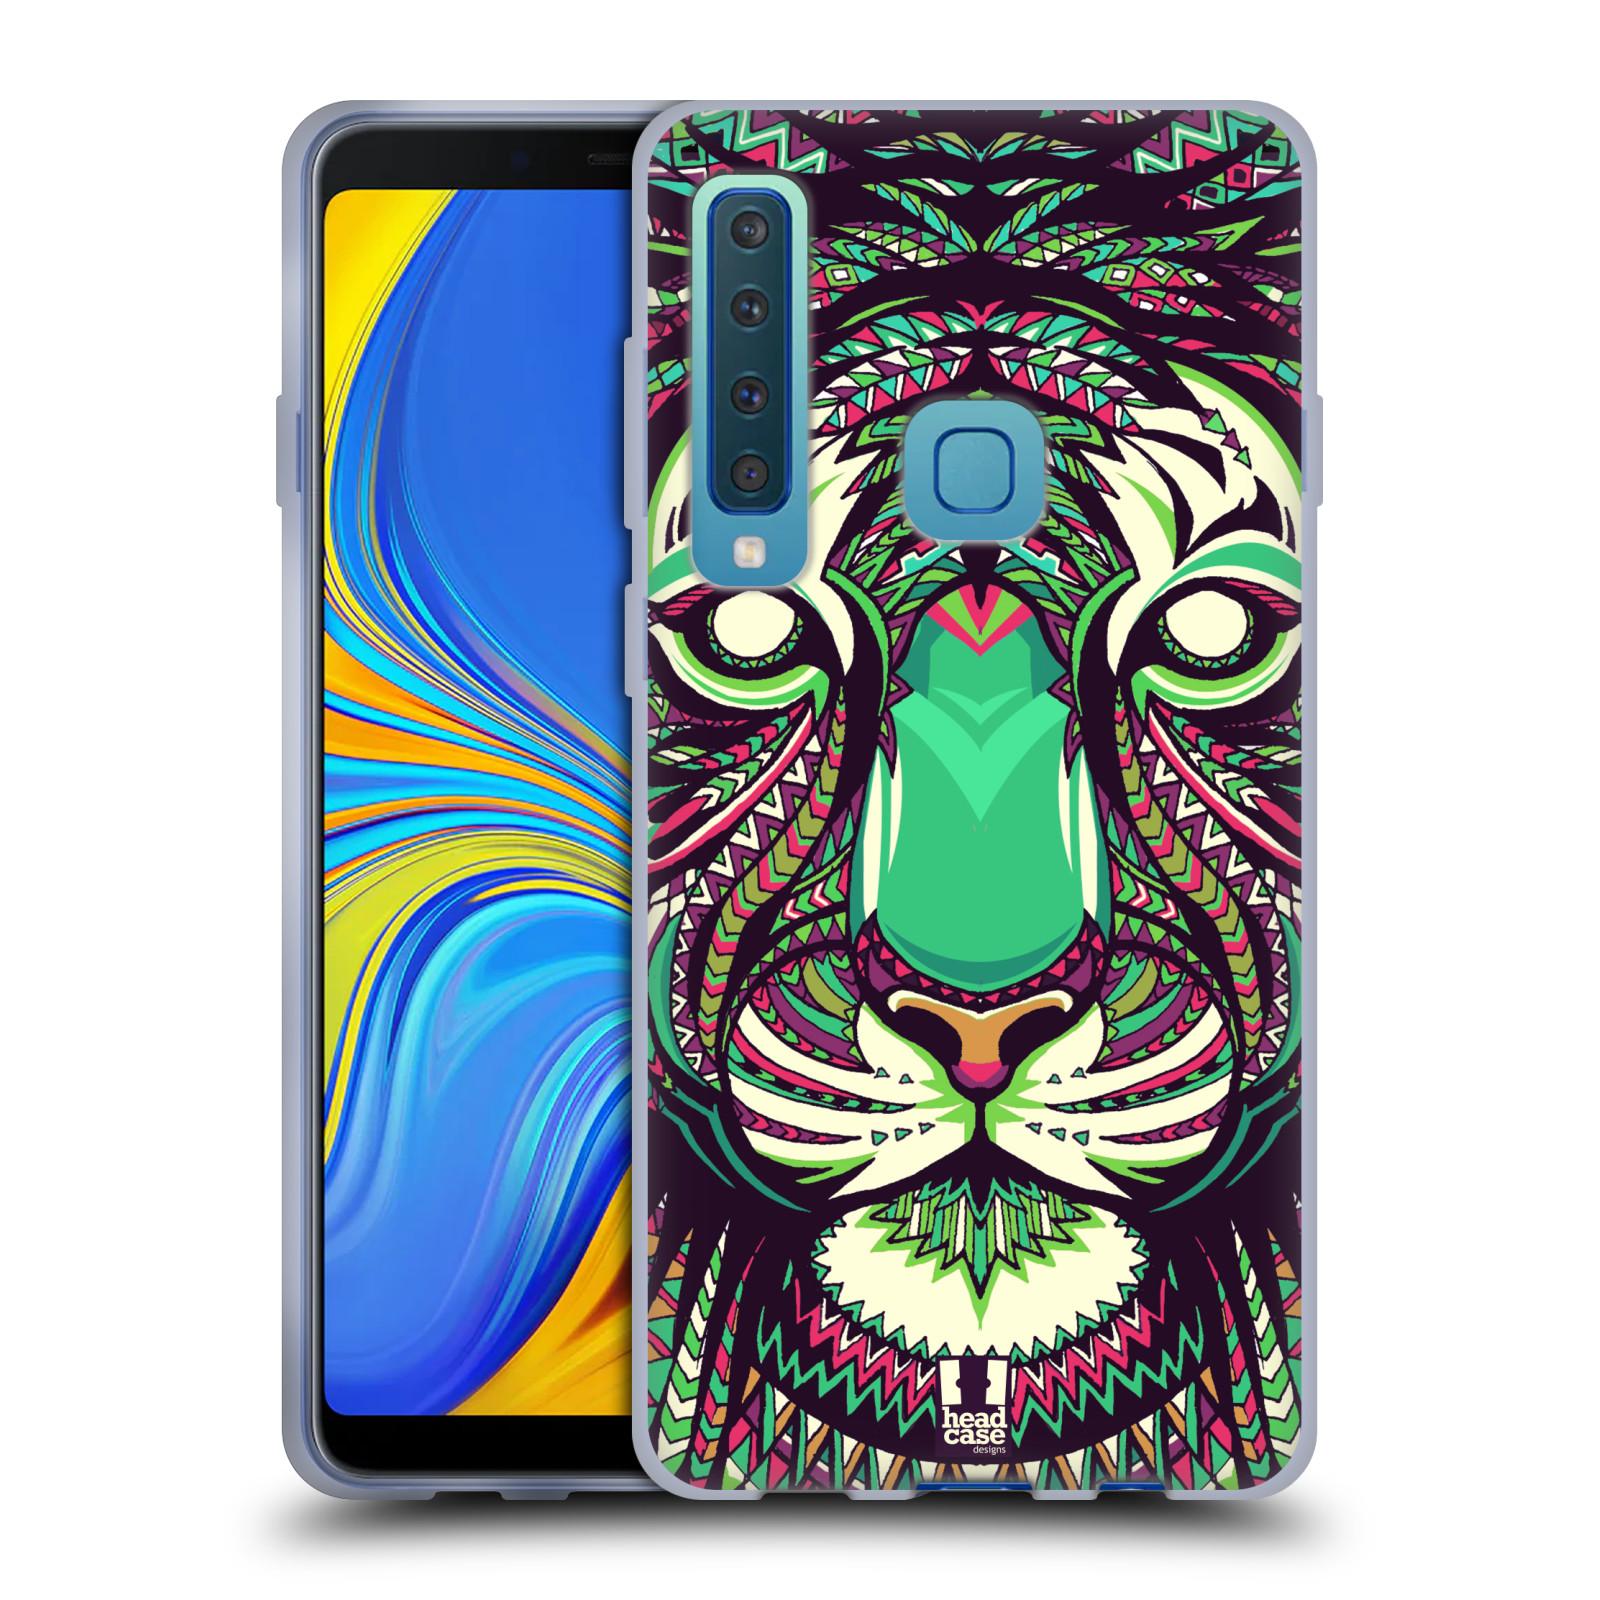 Silikonové pouzdro na mobil Samsung Galaxy A9 (2018) - Head Case - AZTEC TYGR